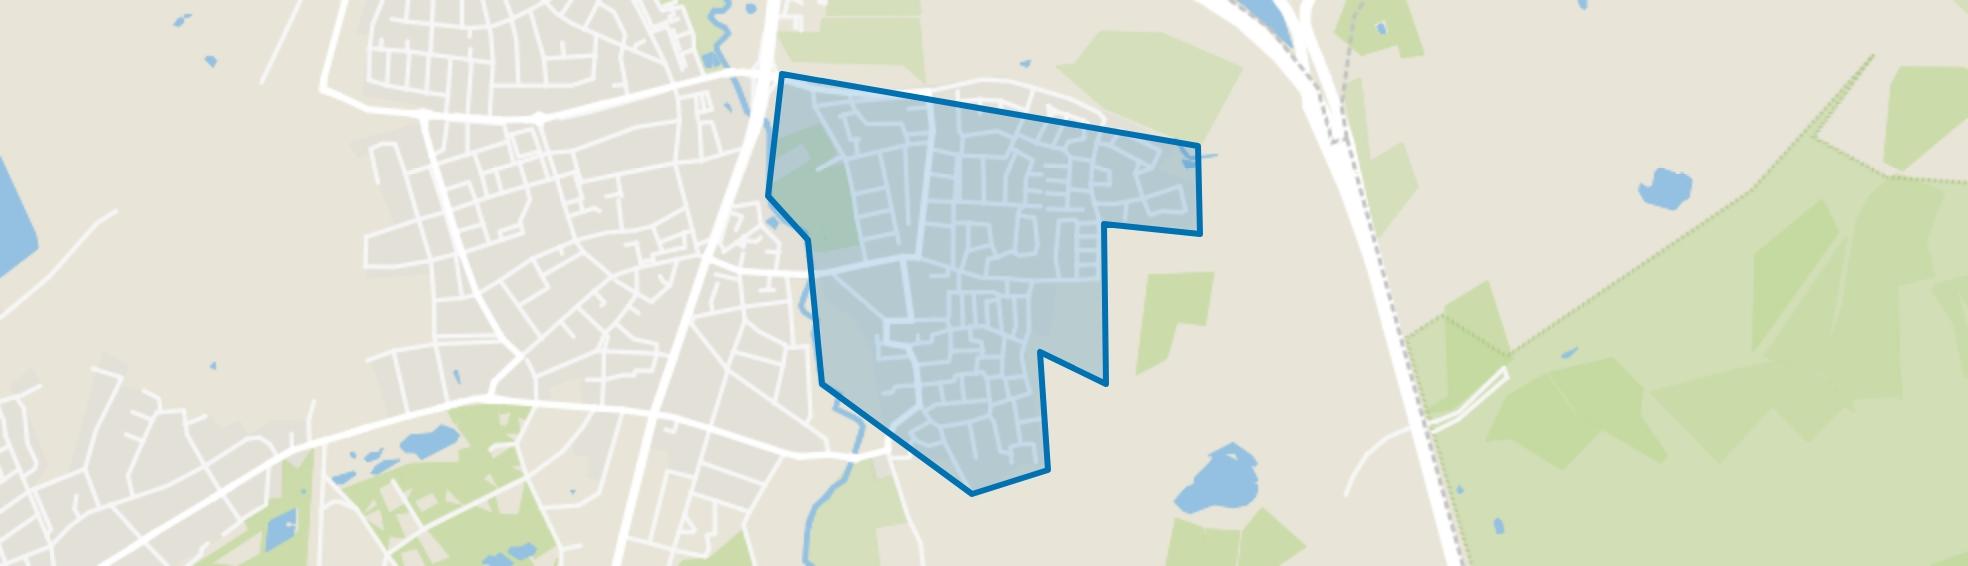 Ekenrooi, Waalre map